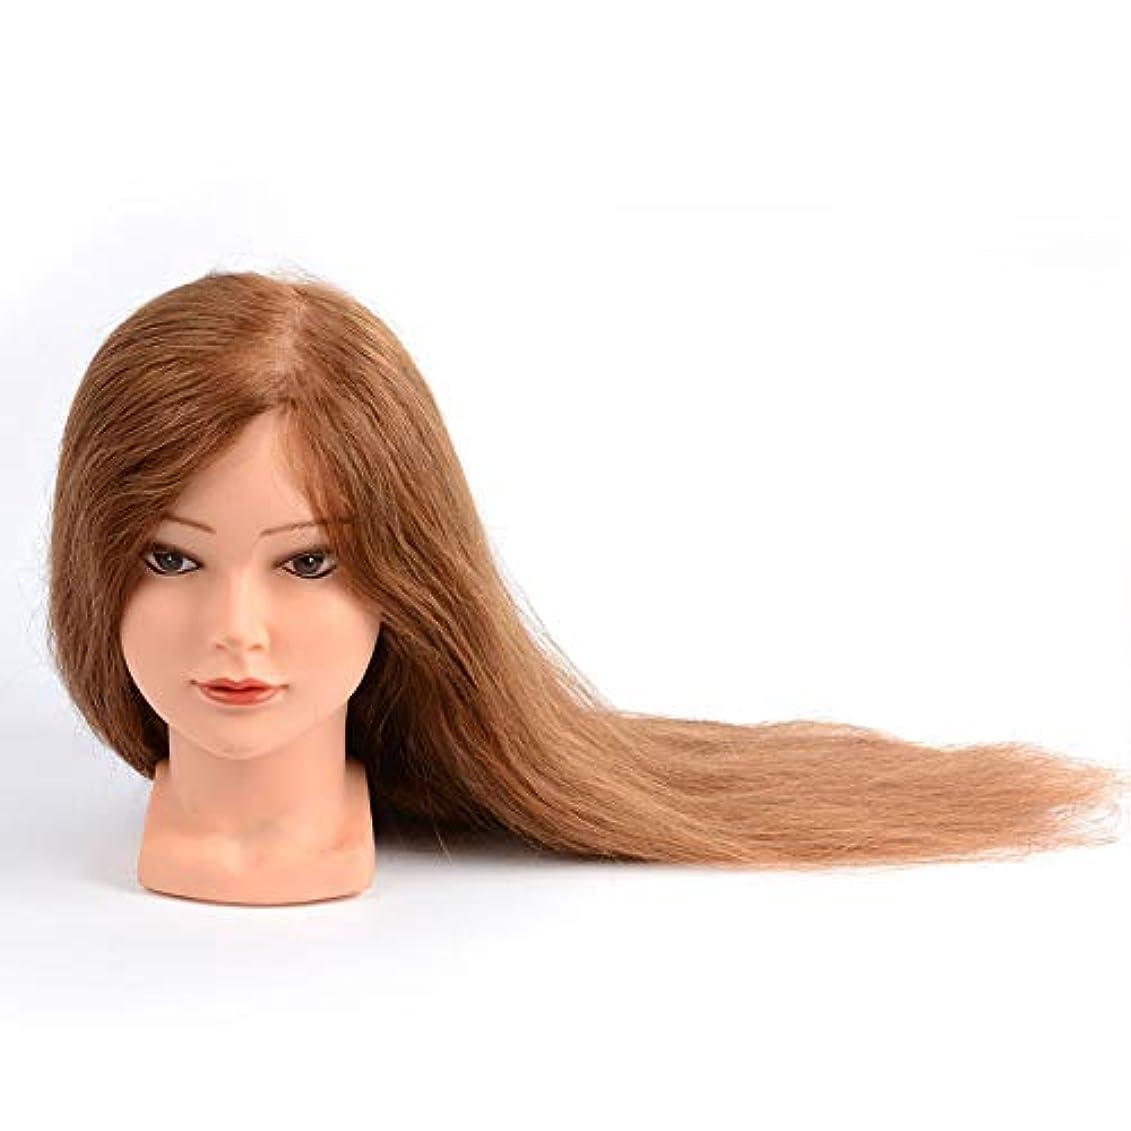 少年天井クリーナーゴールデンプラクティスマネキンヘッドブライダルメイクスタイリングプラクティスダミーヘッドヘアサロン散髪指導ヘッドは染めることができます漂白